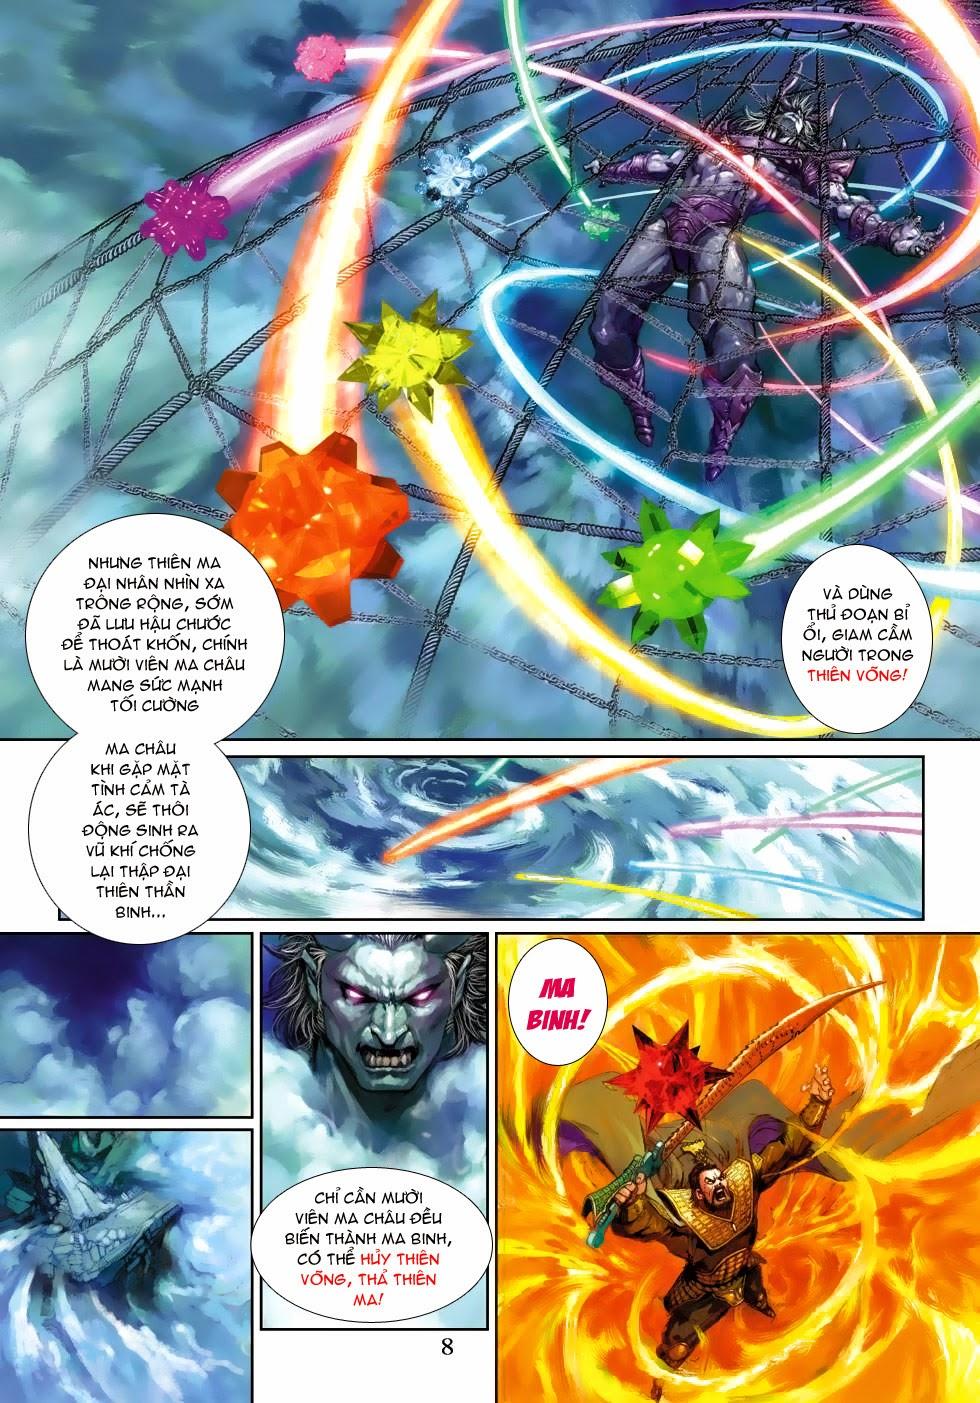 Thần Binh Tiền Truyện 4 - Huyền Thiên Tà Đế chap 3 - Trang 8